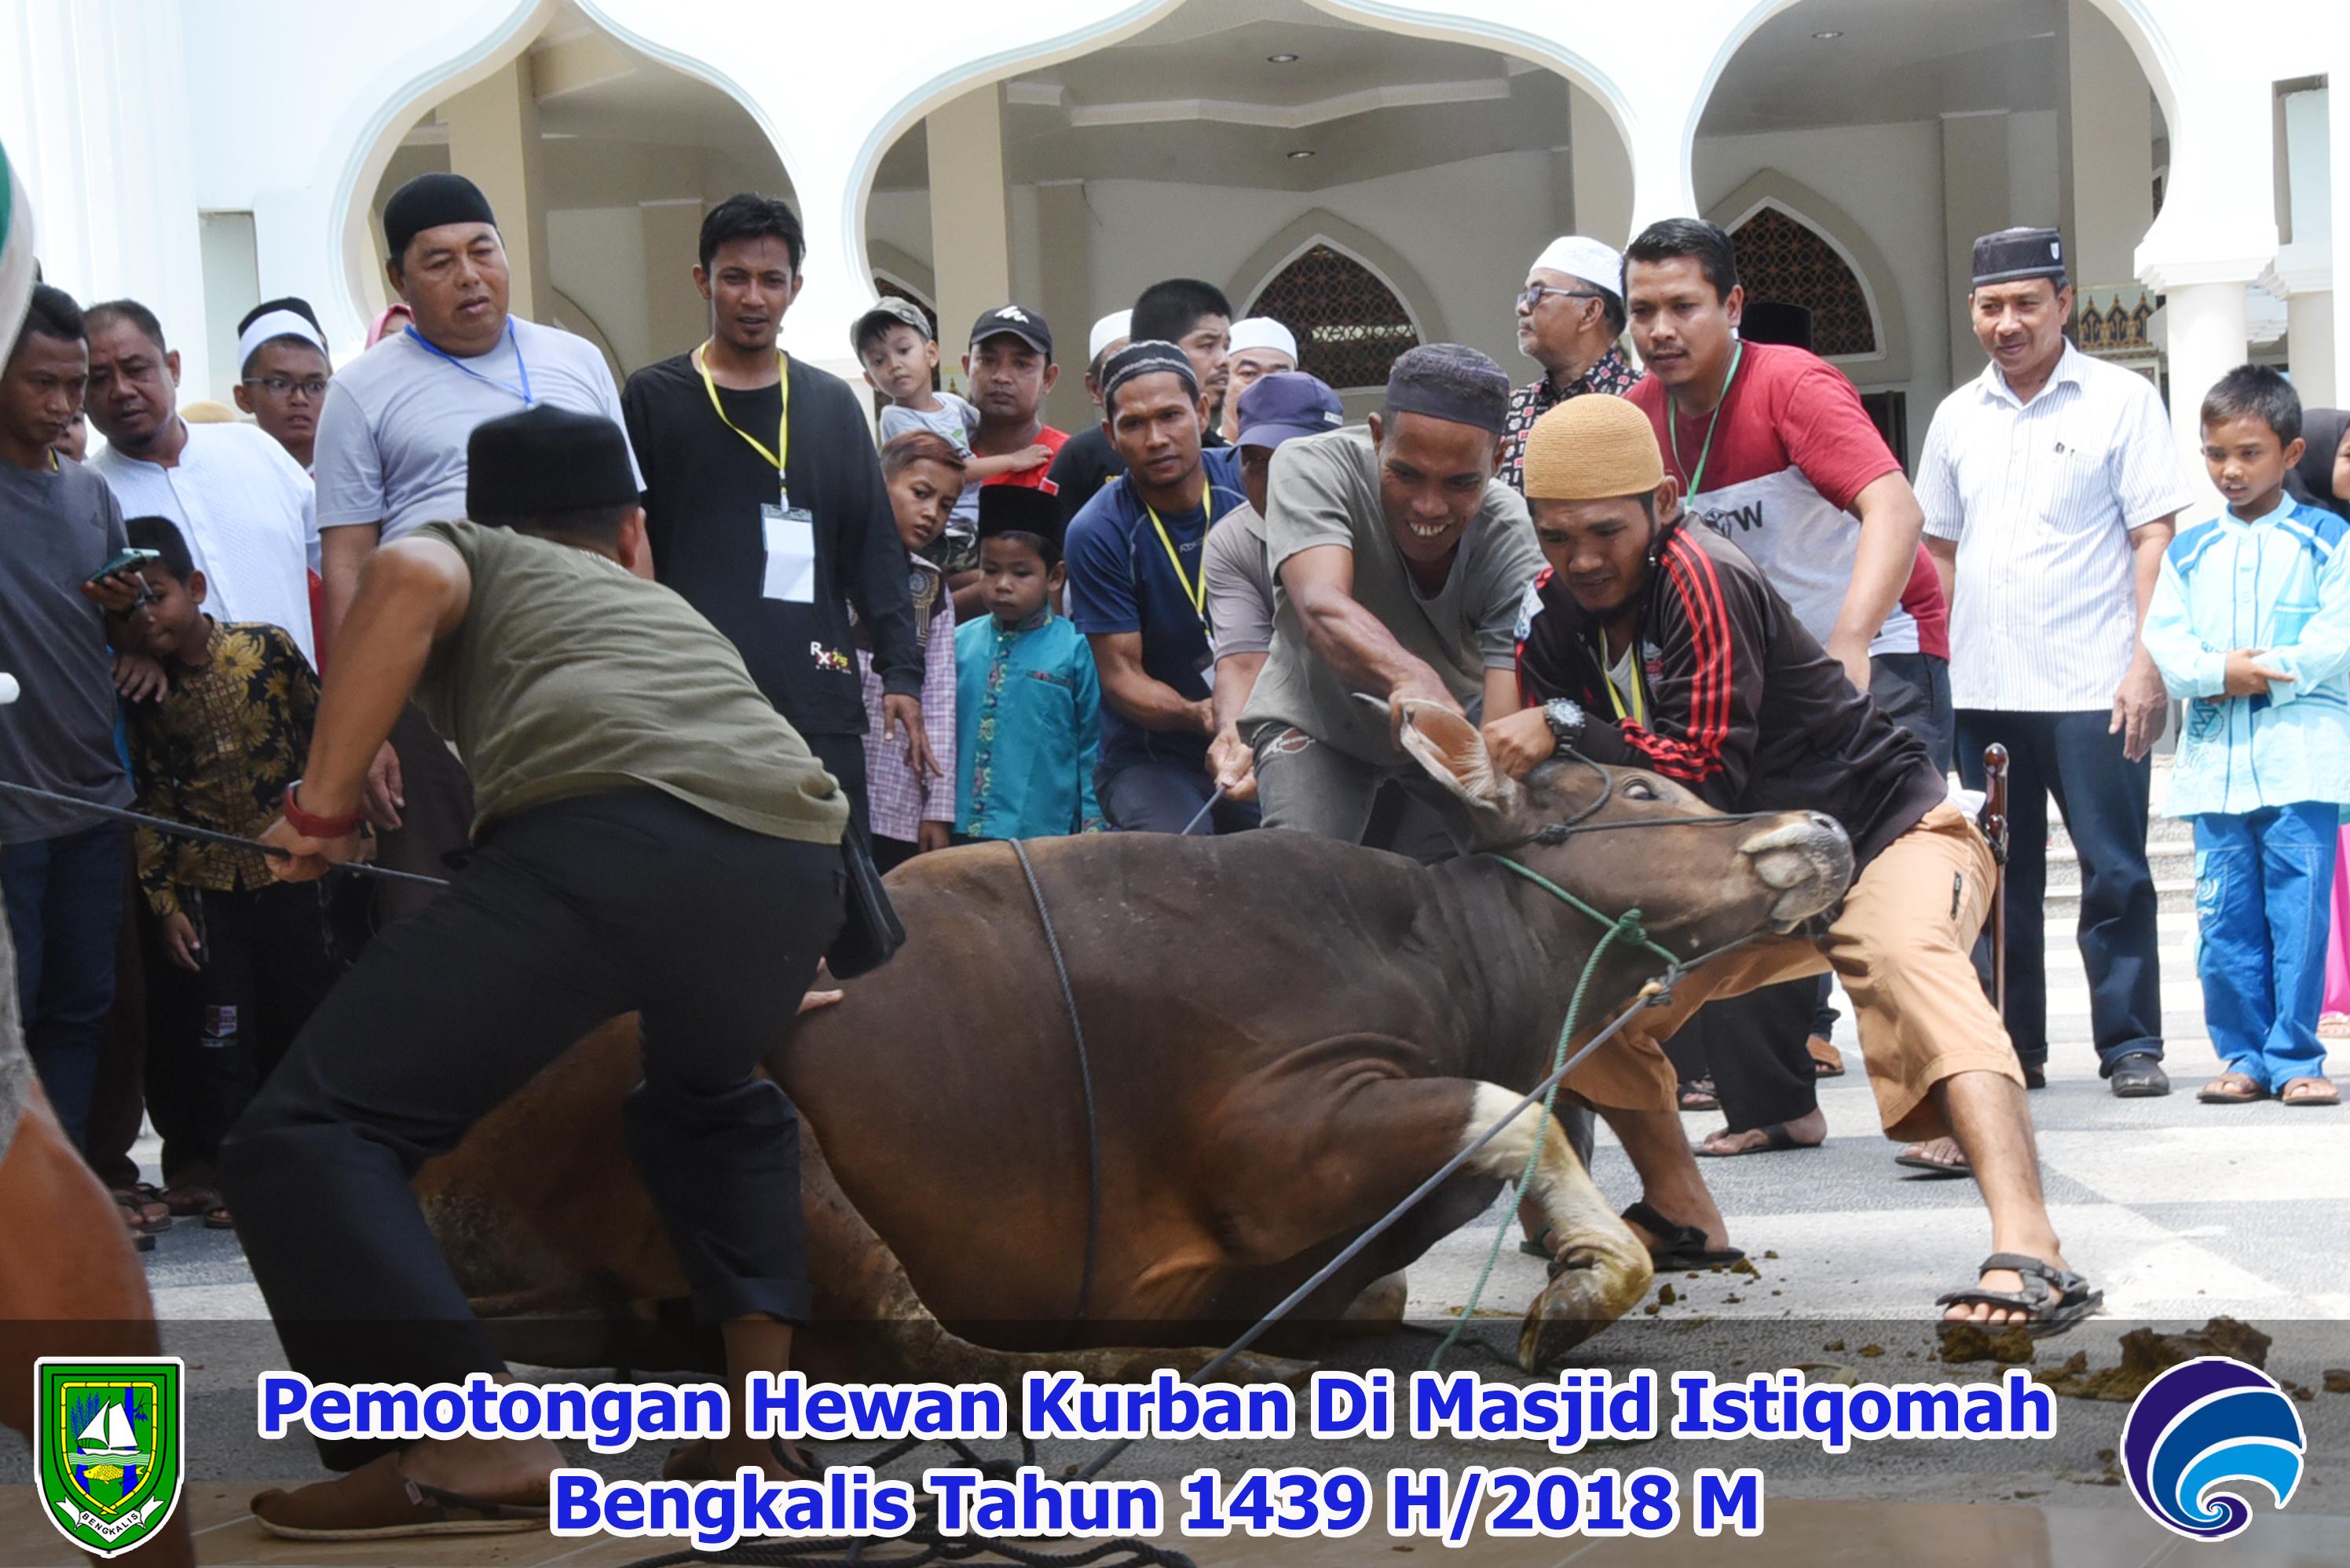 Pemotongan Hewan Kurban di Masjid Agung Istiqomah Bengkalis 1439 H/2018 M